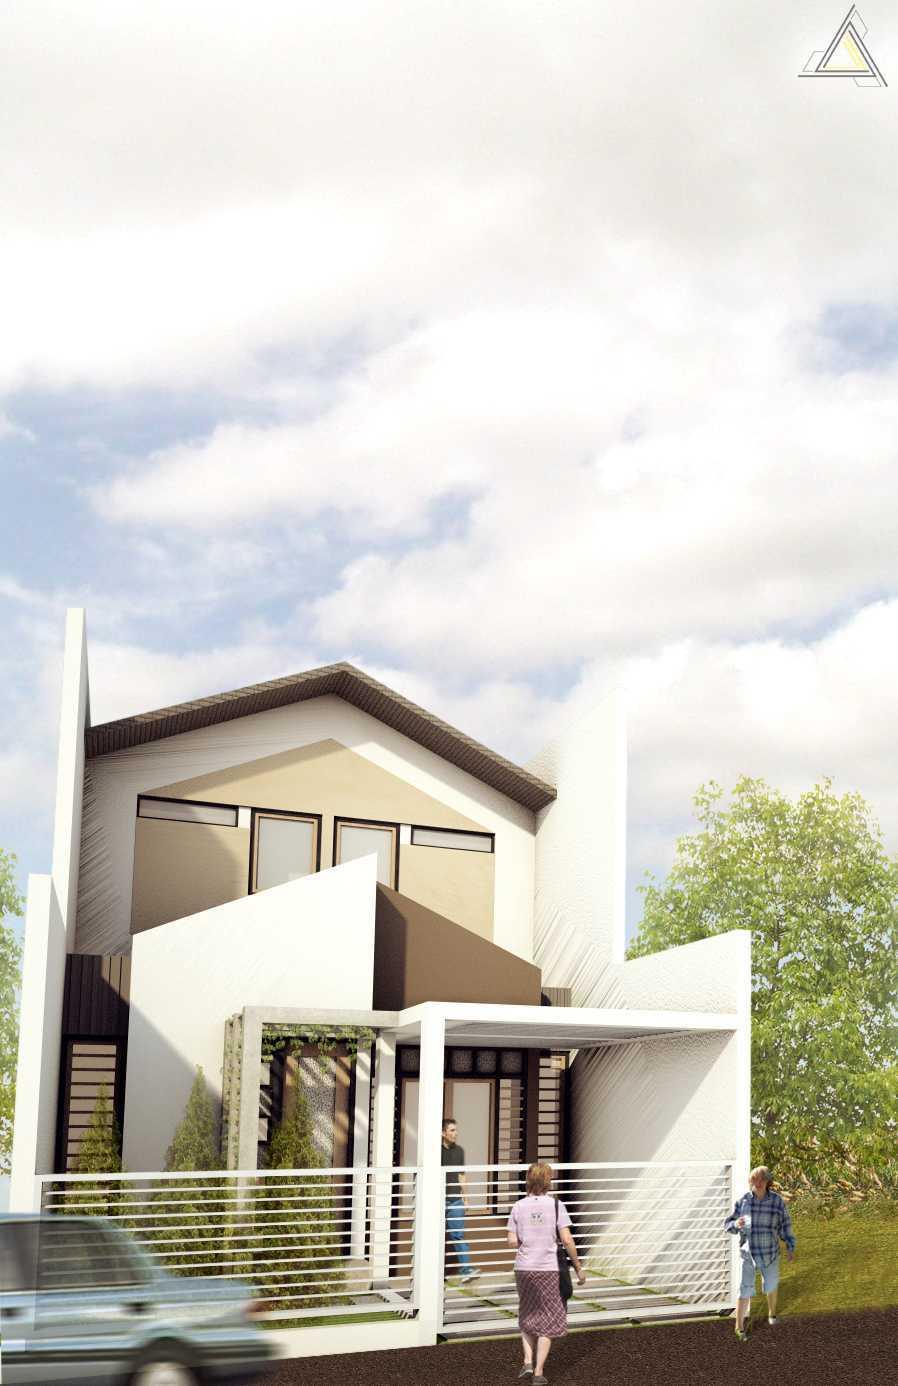 Galeri Desain Rumah Modern 7x9 Terlengkap Bengkel Interior